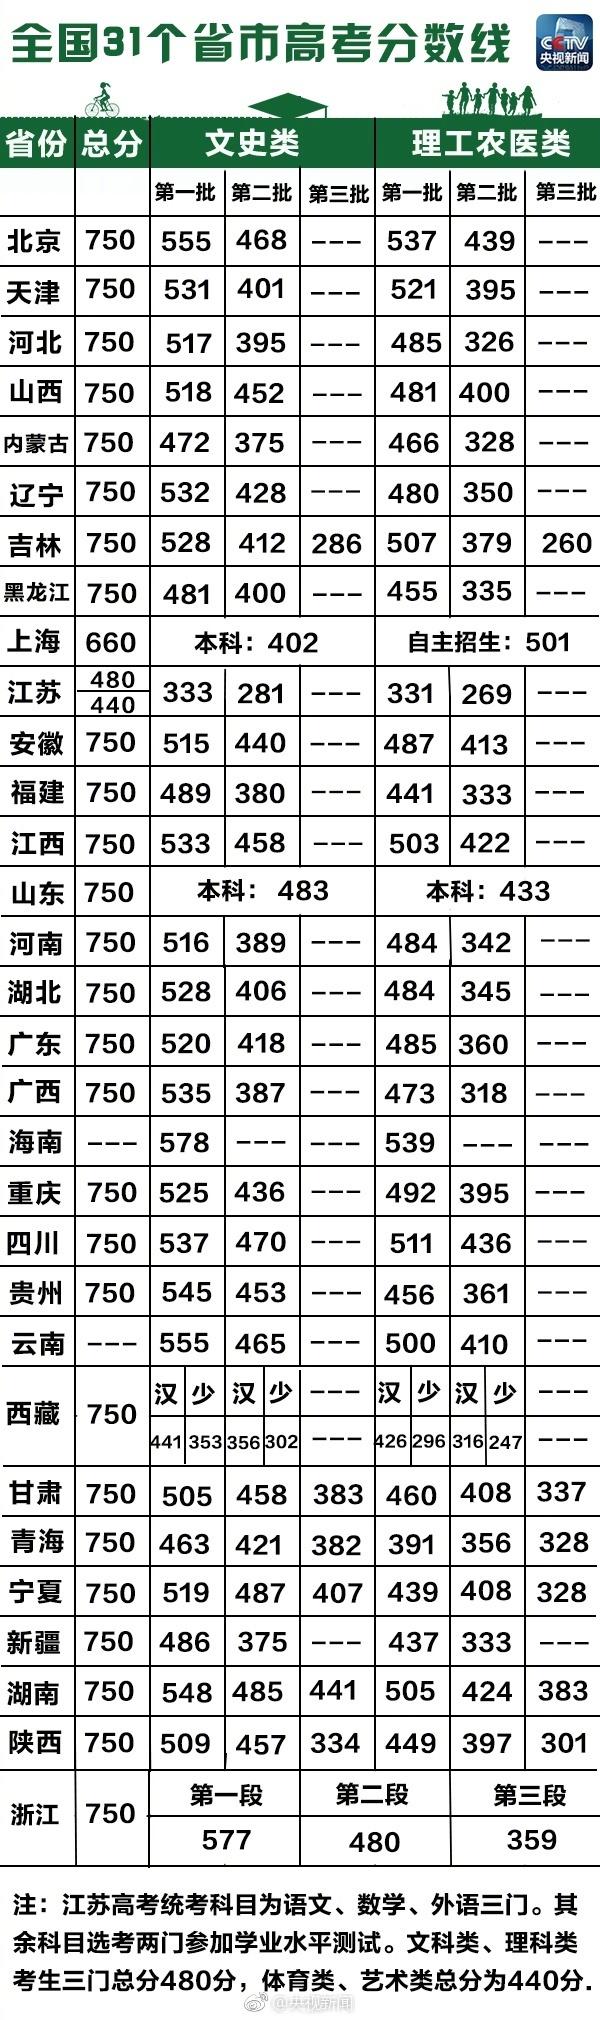 最新最全!31省区市高考分数线出炉!